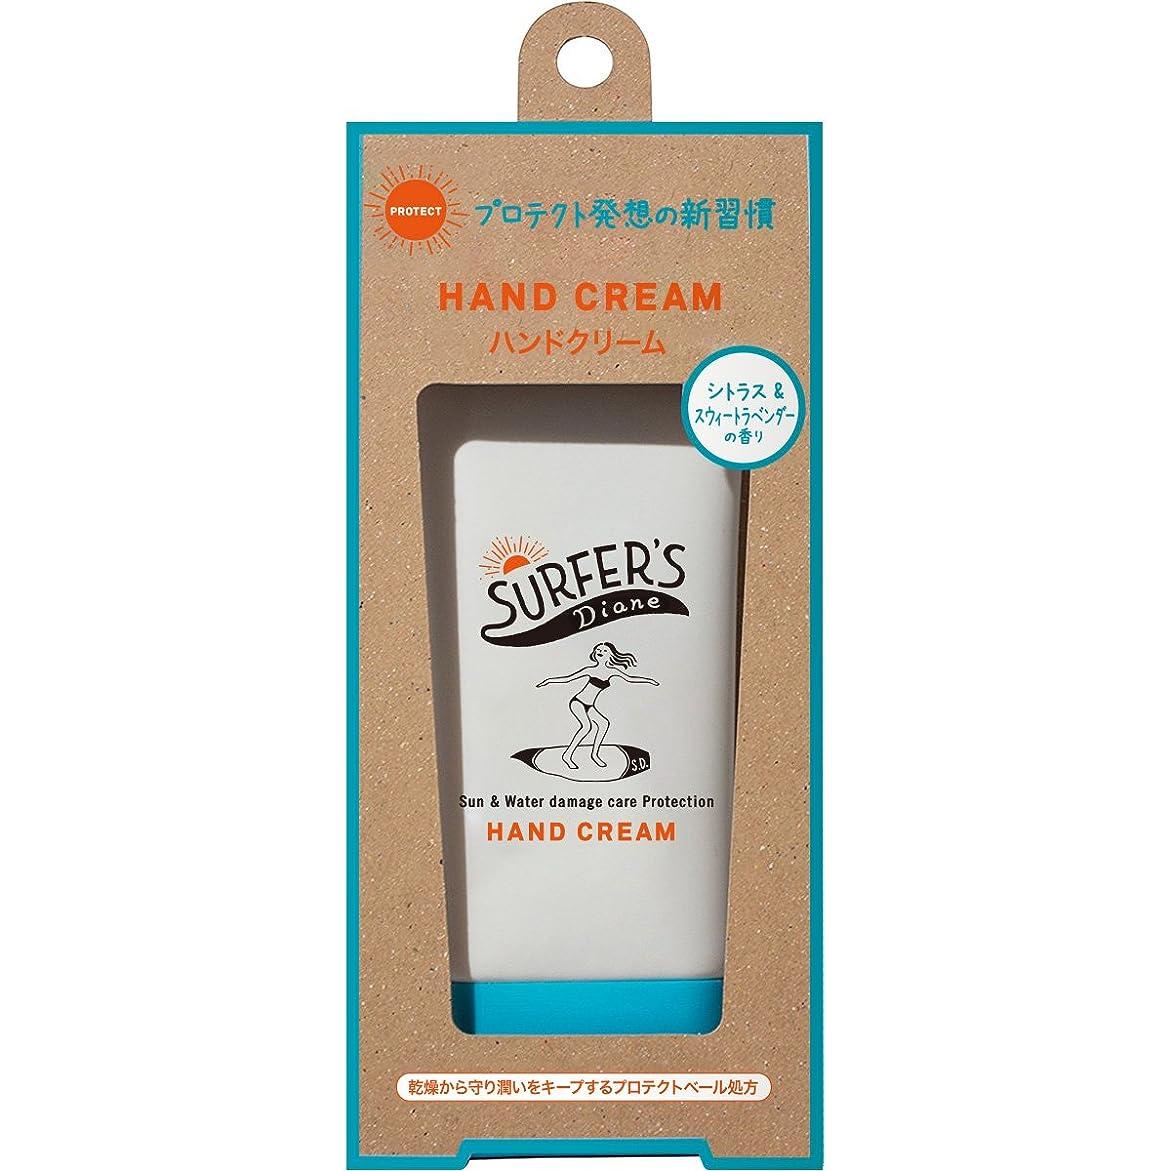 縁石山岳通行料金サーファーズダイアン プロテクト ハンドクリーム シトラス&スウィートラベンダーの香り 50g